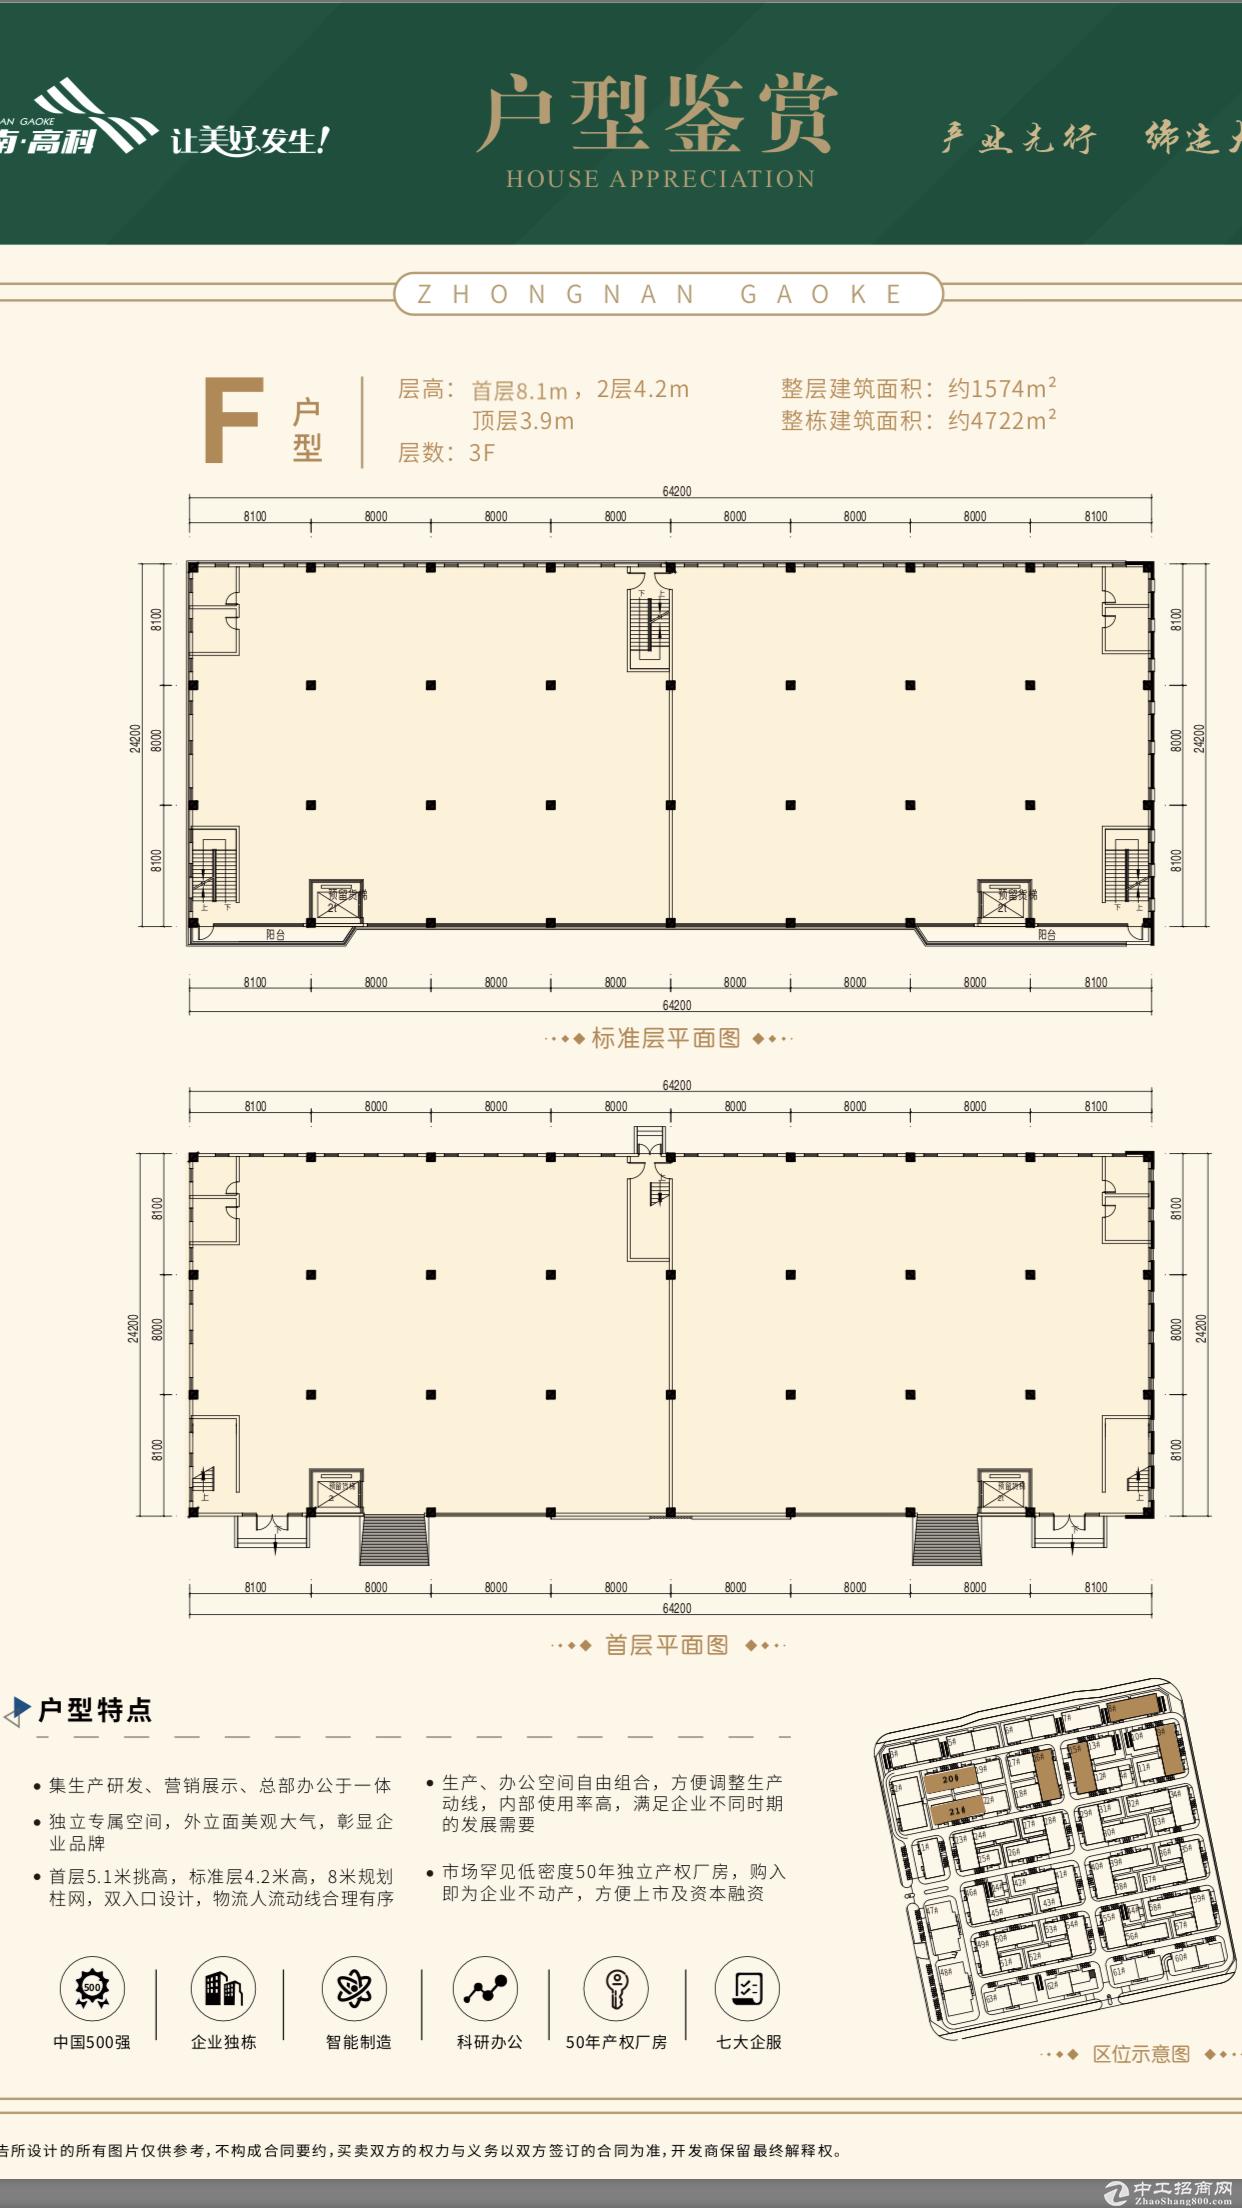 出售·全新50年独立产权标准厂房·2成首付.-图4